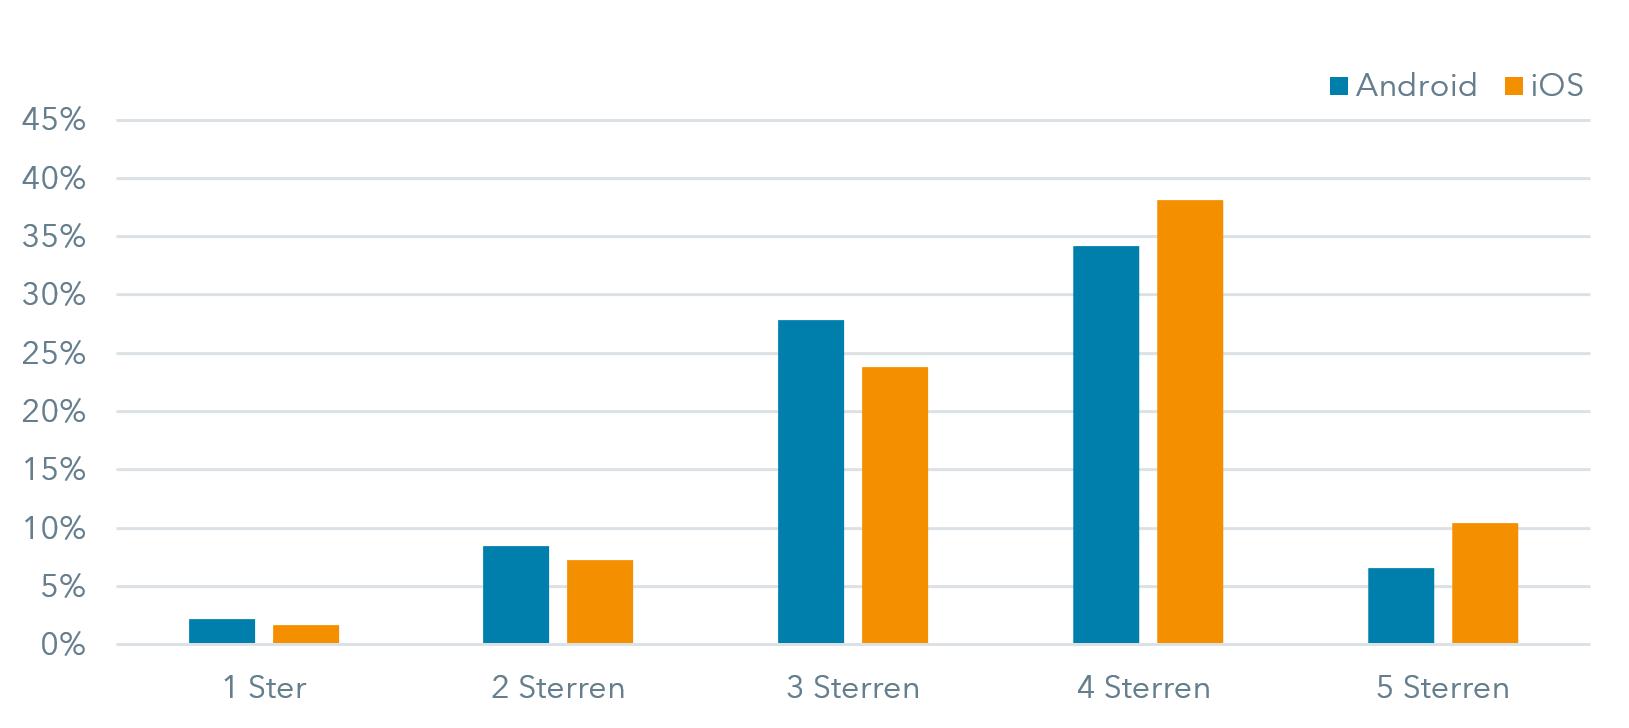 iOSvsAndroid_Sterren_NL